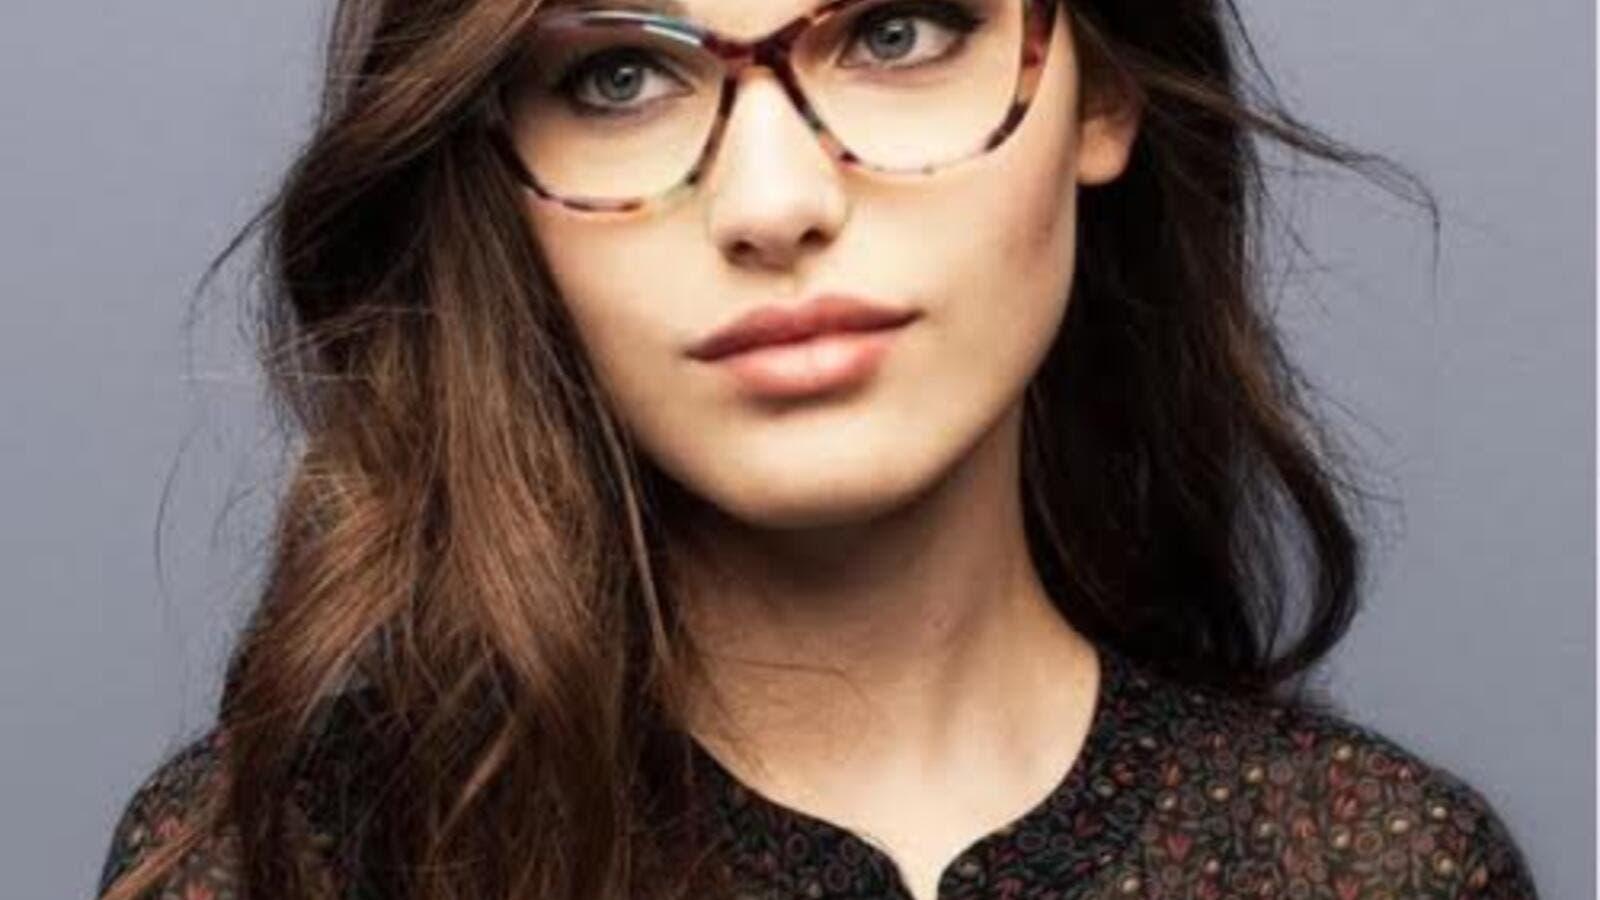 01e8516d9 نظارات طبية 2018 : رائعة ومتنوعة من ناحية أشكالها وألوانها | البوابة